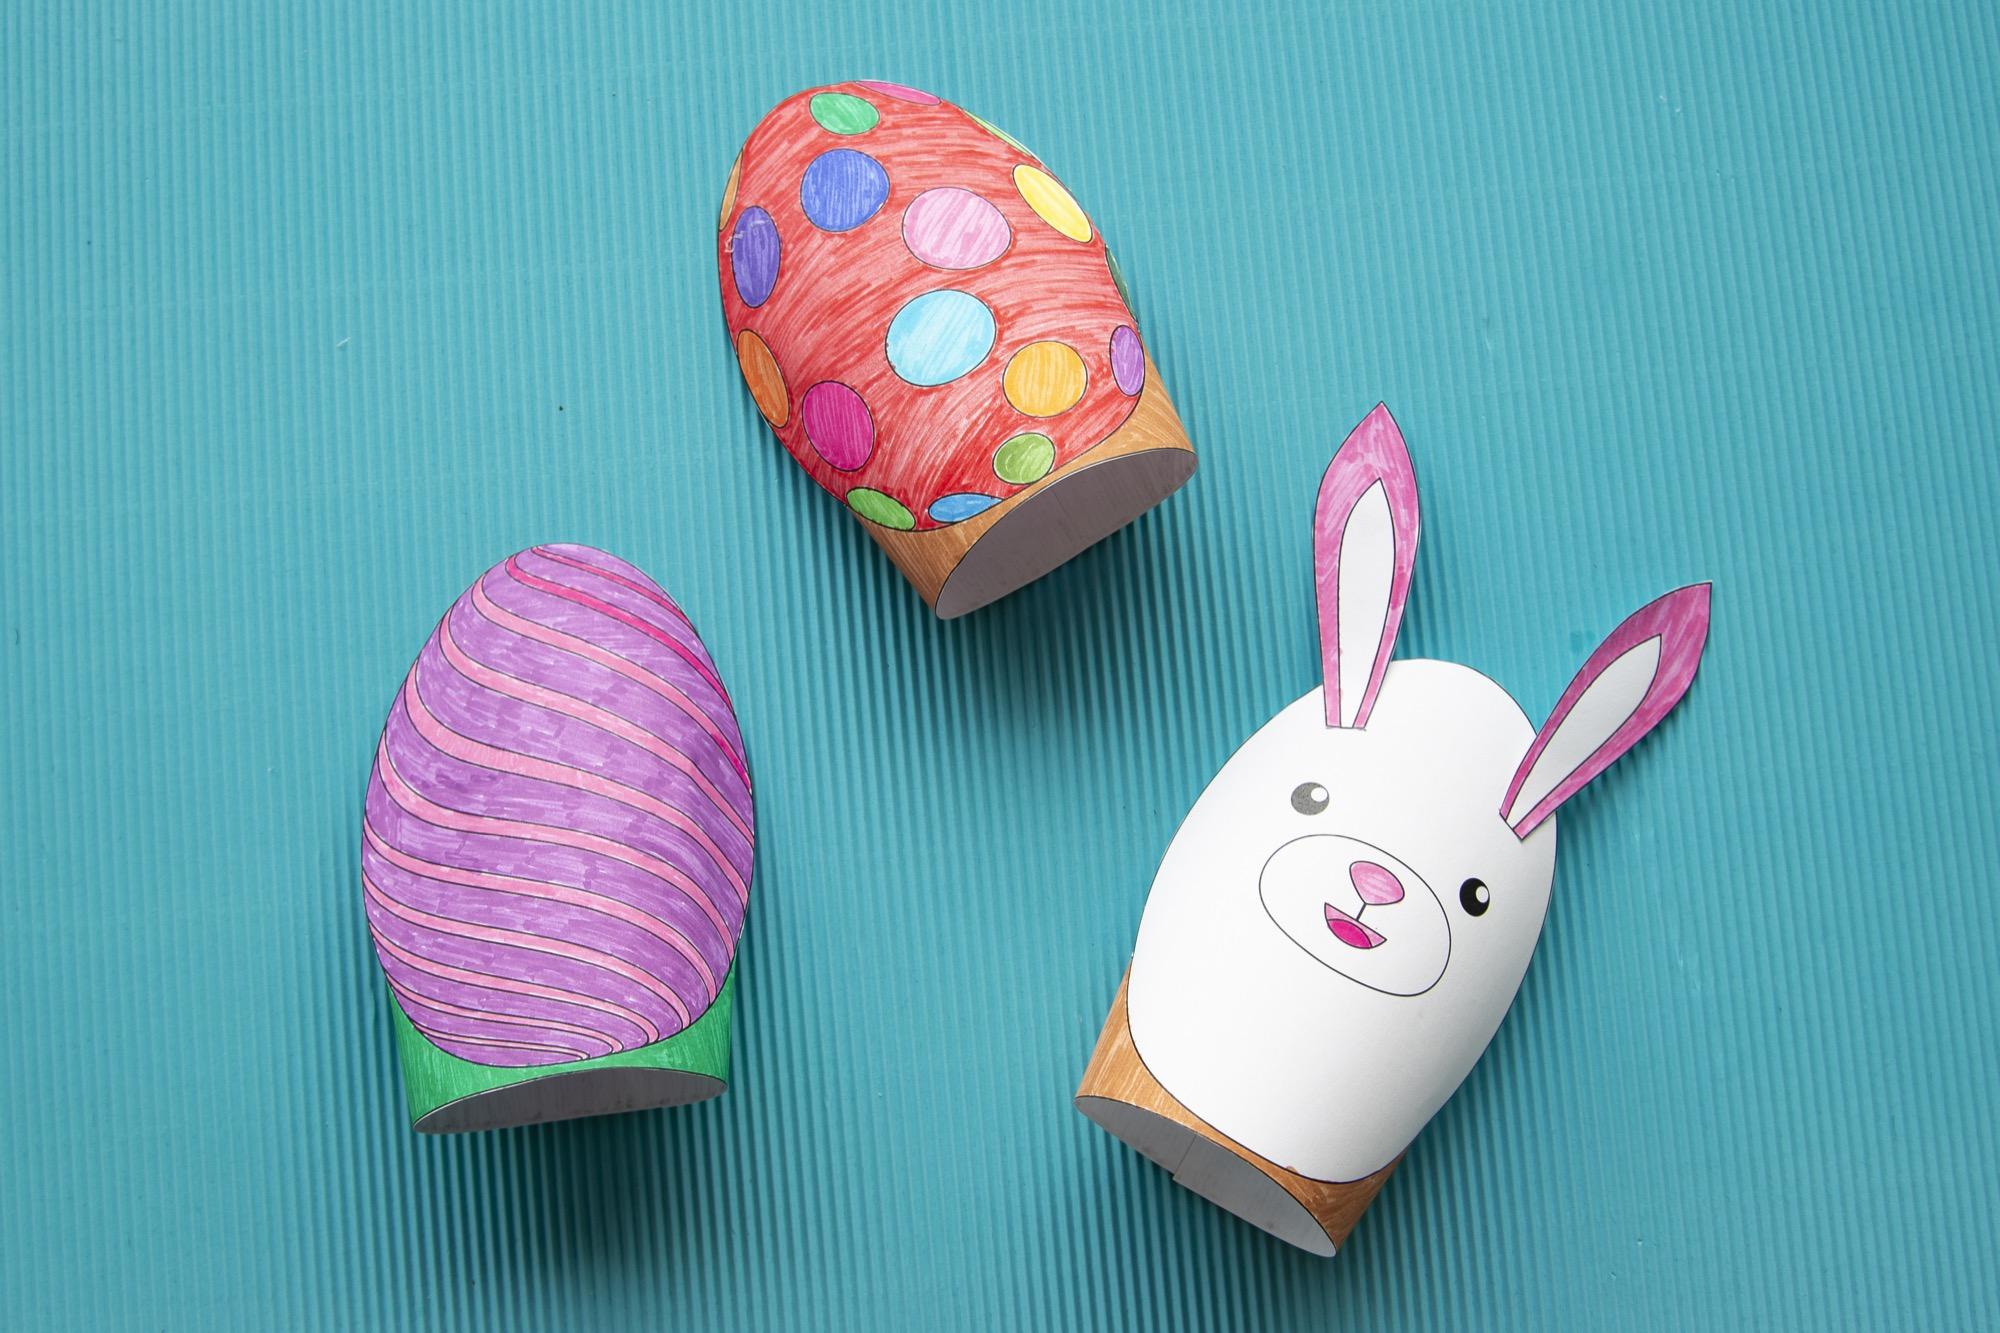 Mes œufs géants - 6